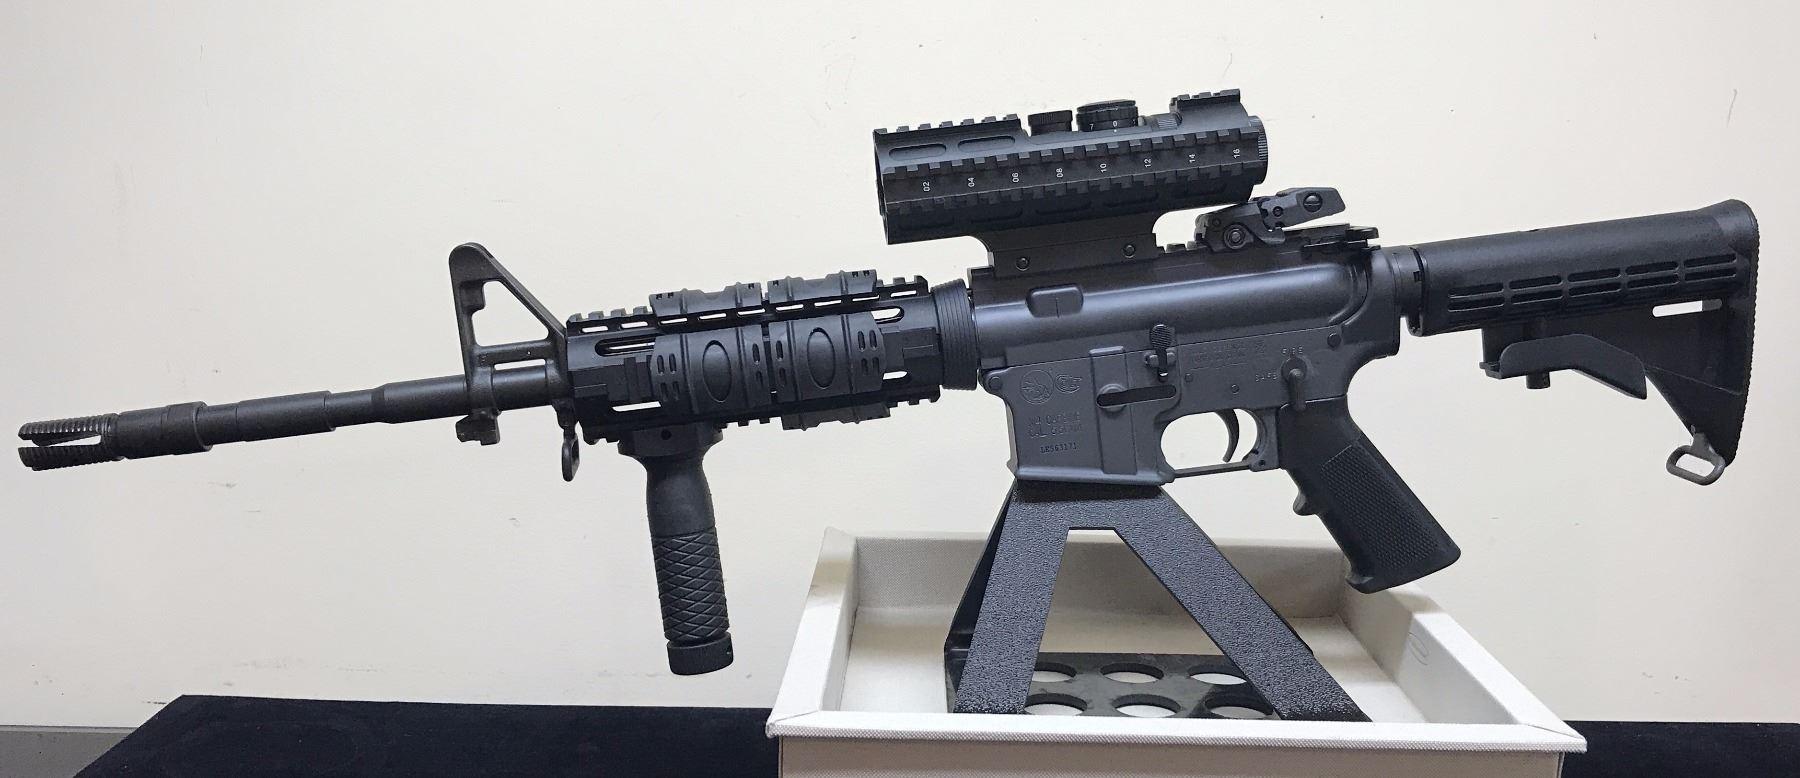 Colt M4 AR-15 Tactical Gray Heavy Barrel, extras